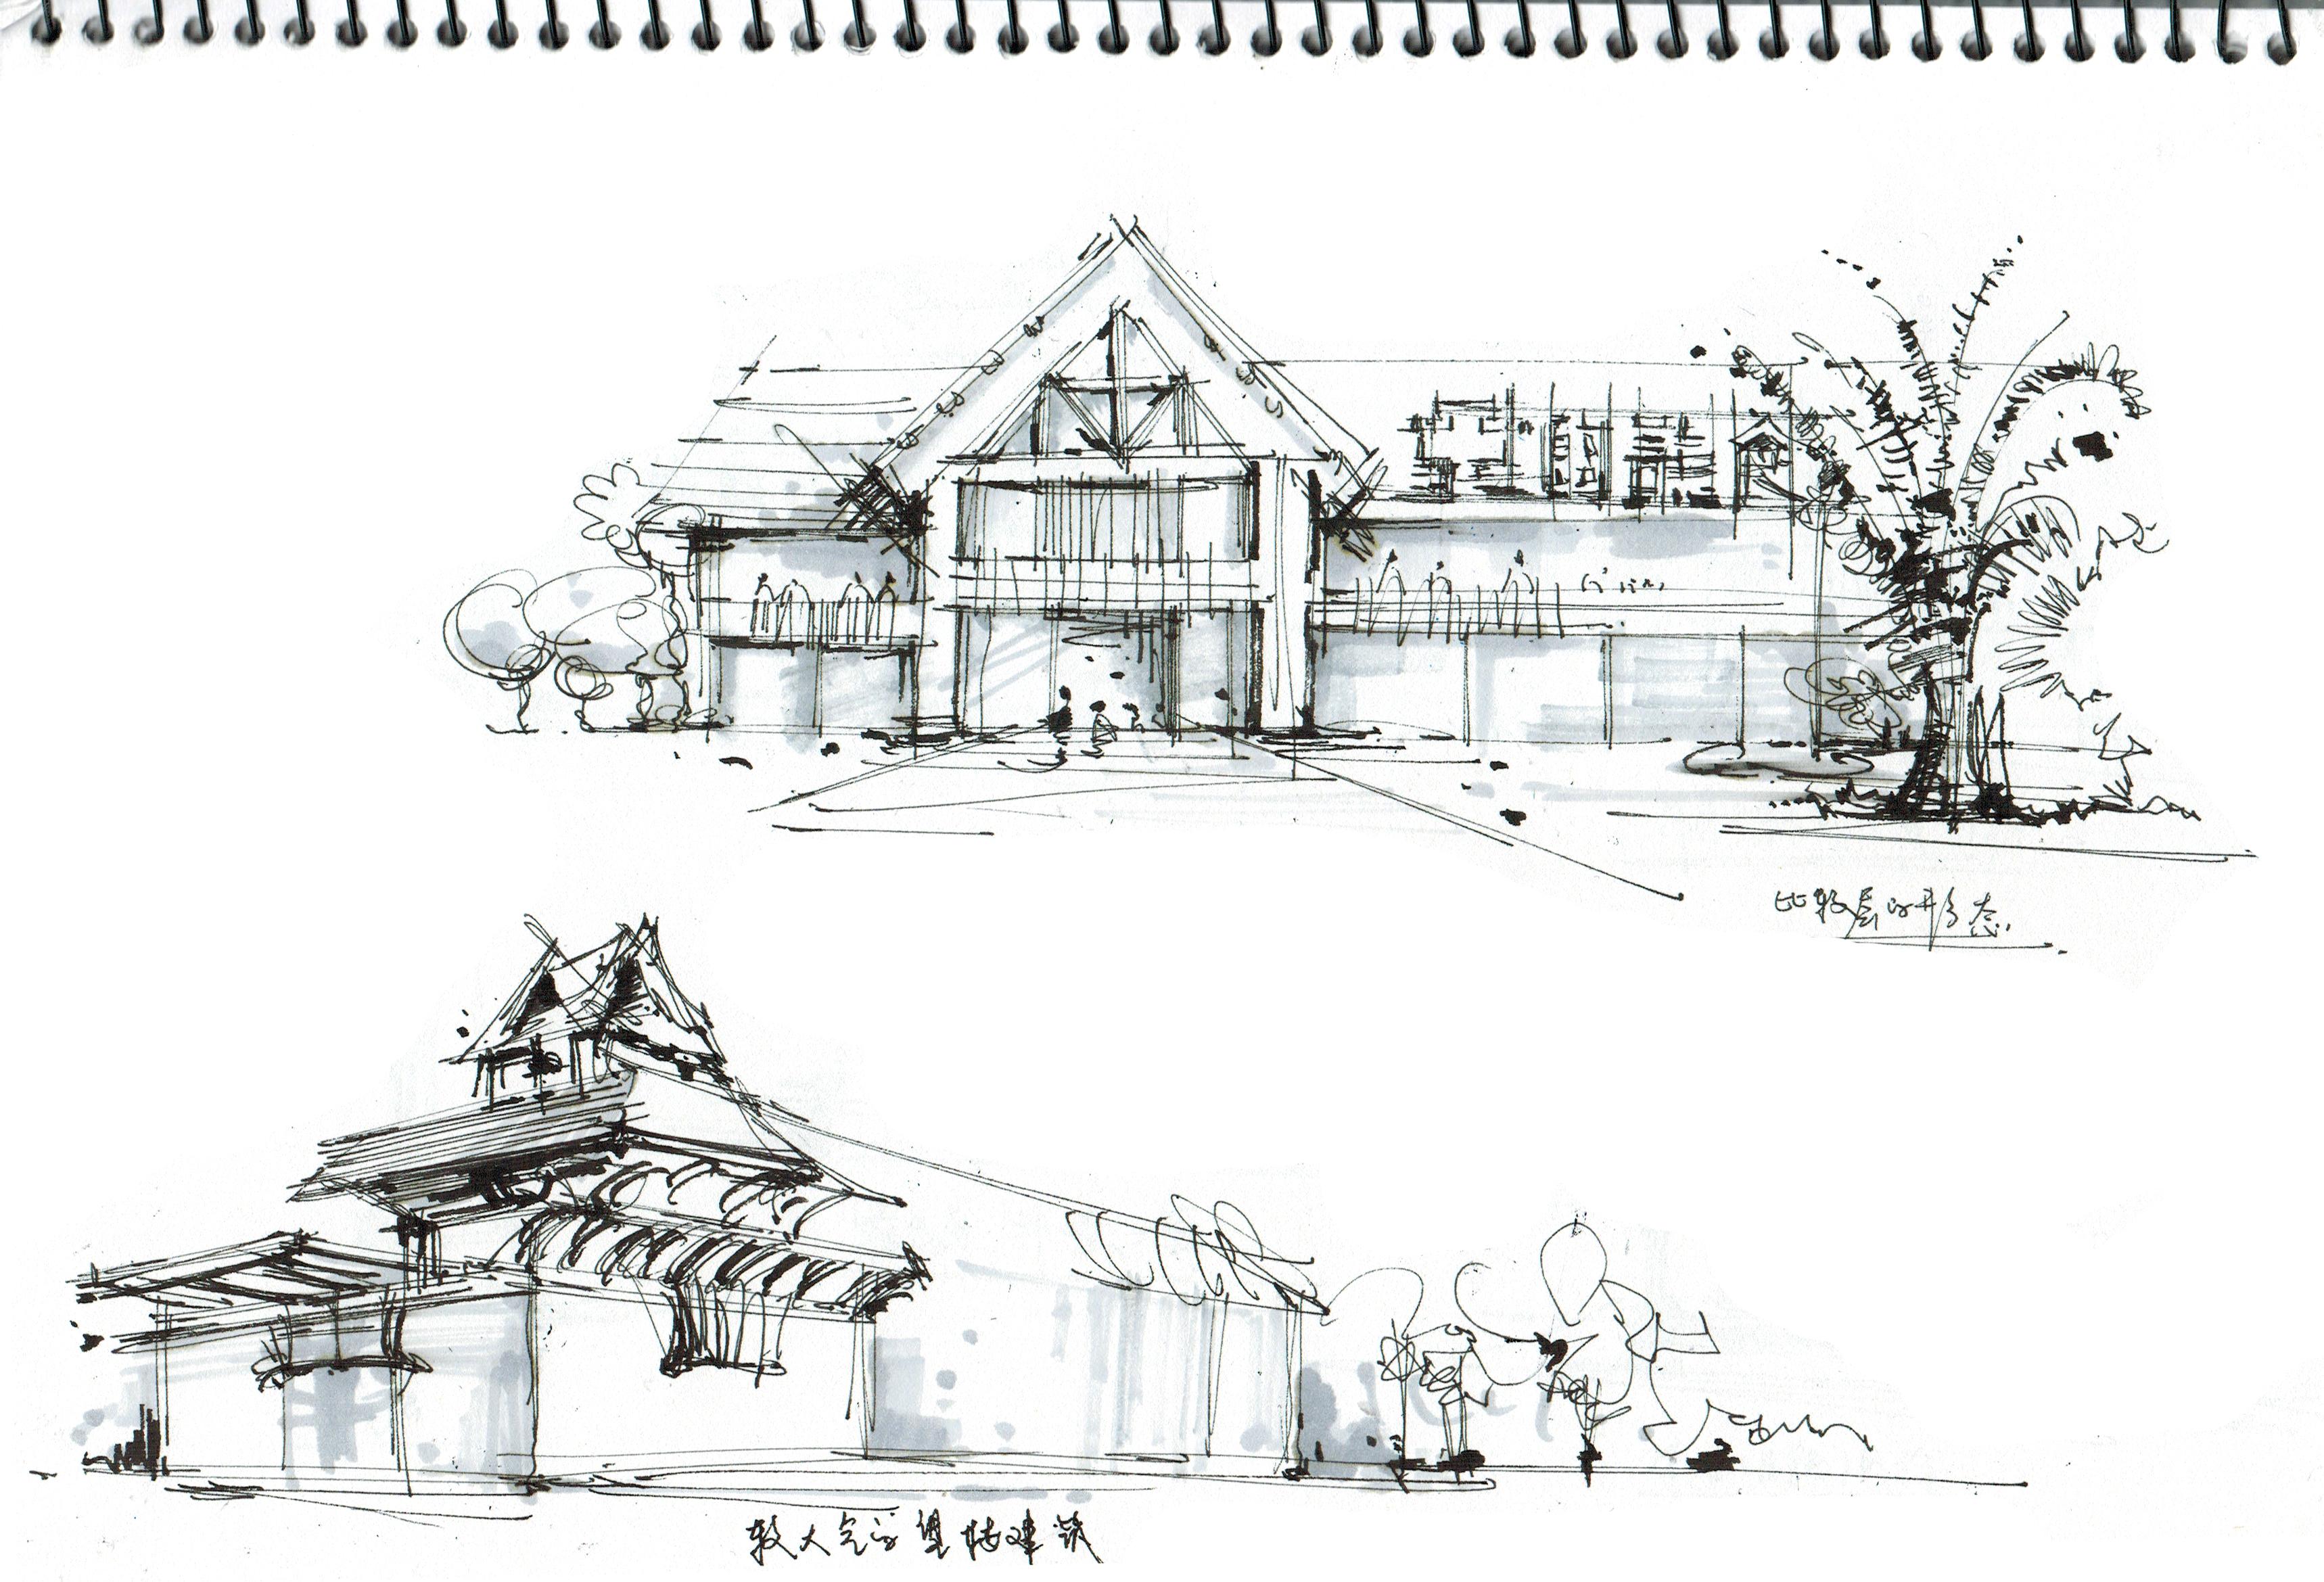 东南亚主题餐厅设计草图|插画|商业插画|lizengrui图片